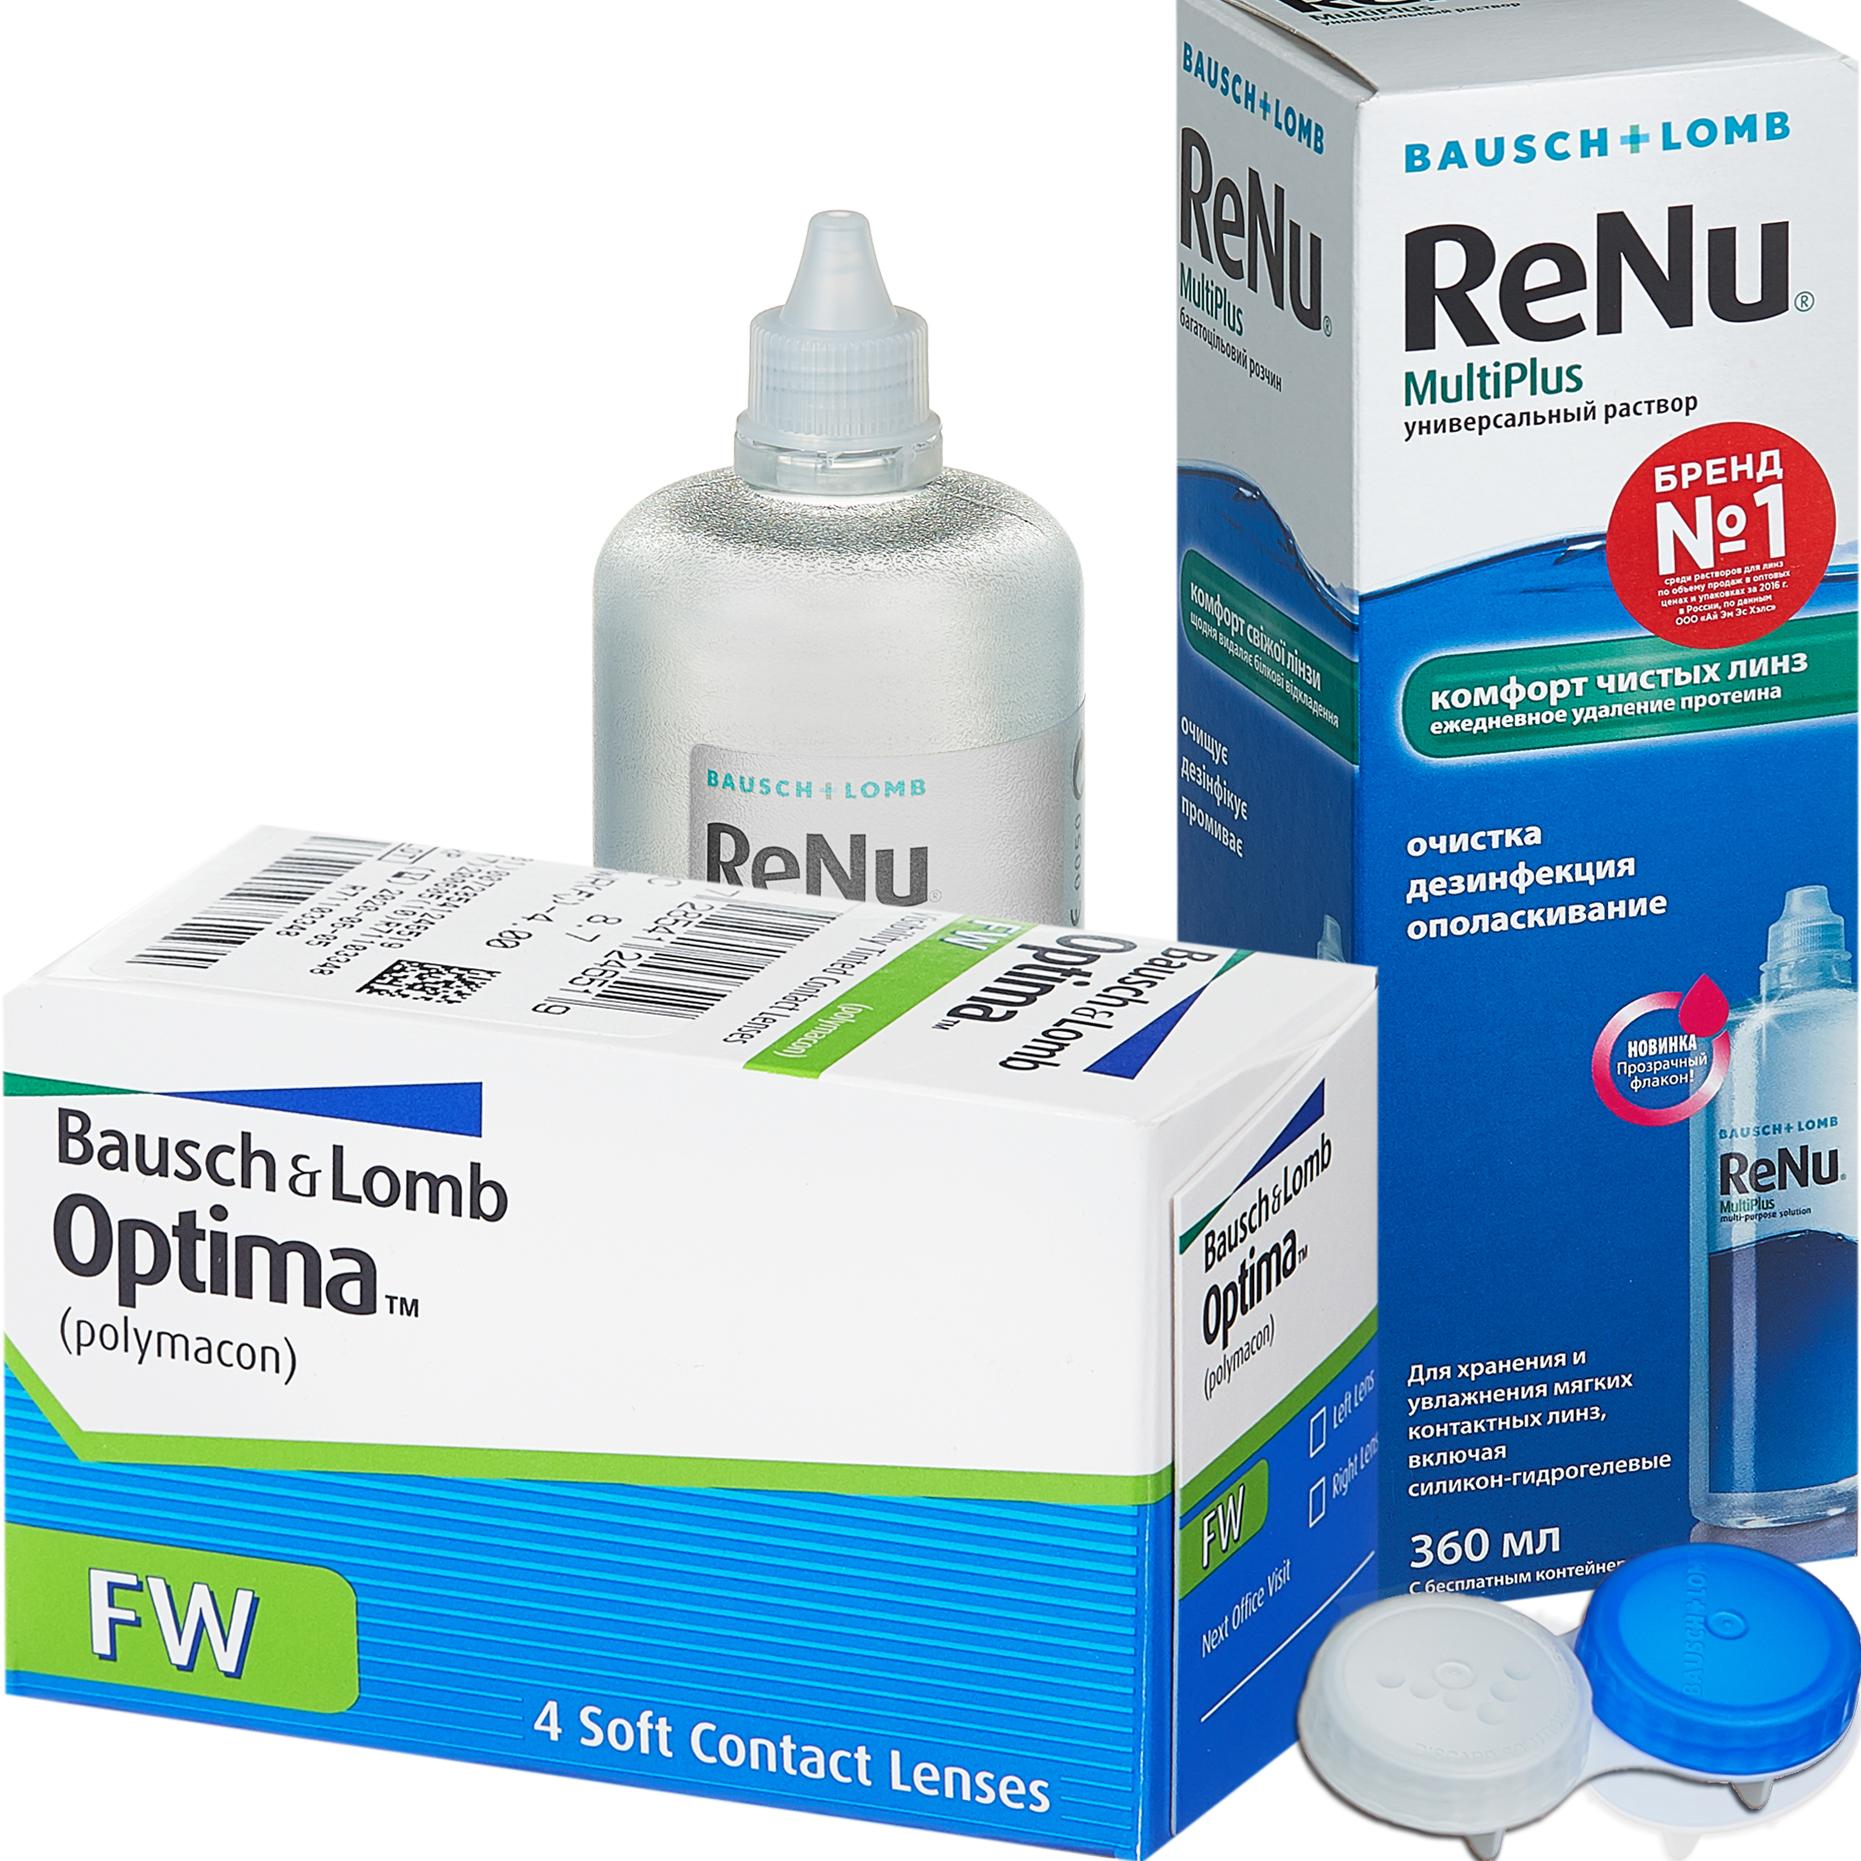 Купить Optima FW 4 линзы + ReNu MultiPlus, Контактные линзы Optima FW 4 линзы R 8.7 -8, 50 + Раствор ReNu Multi Plus 360 мл